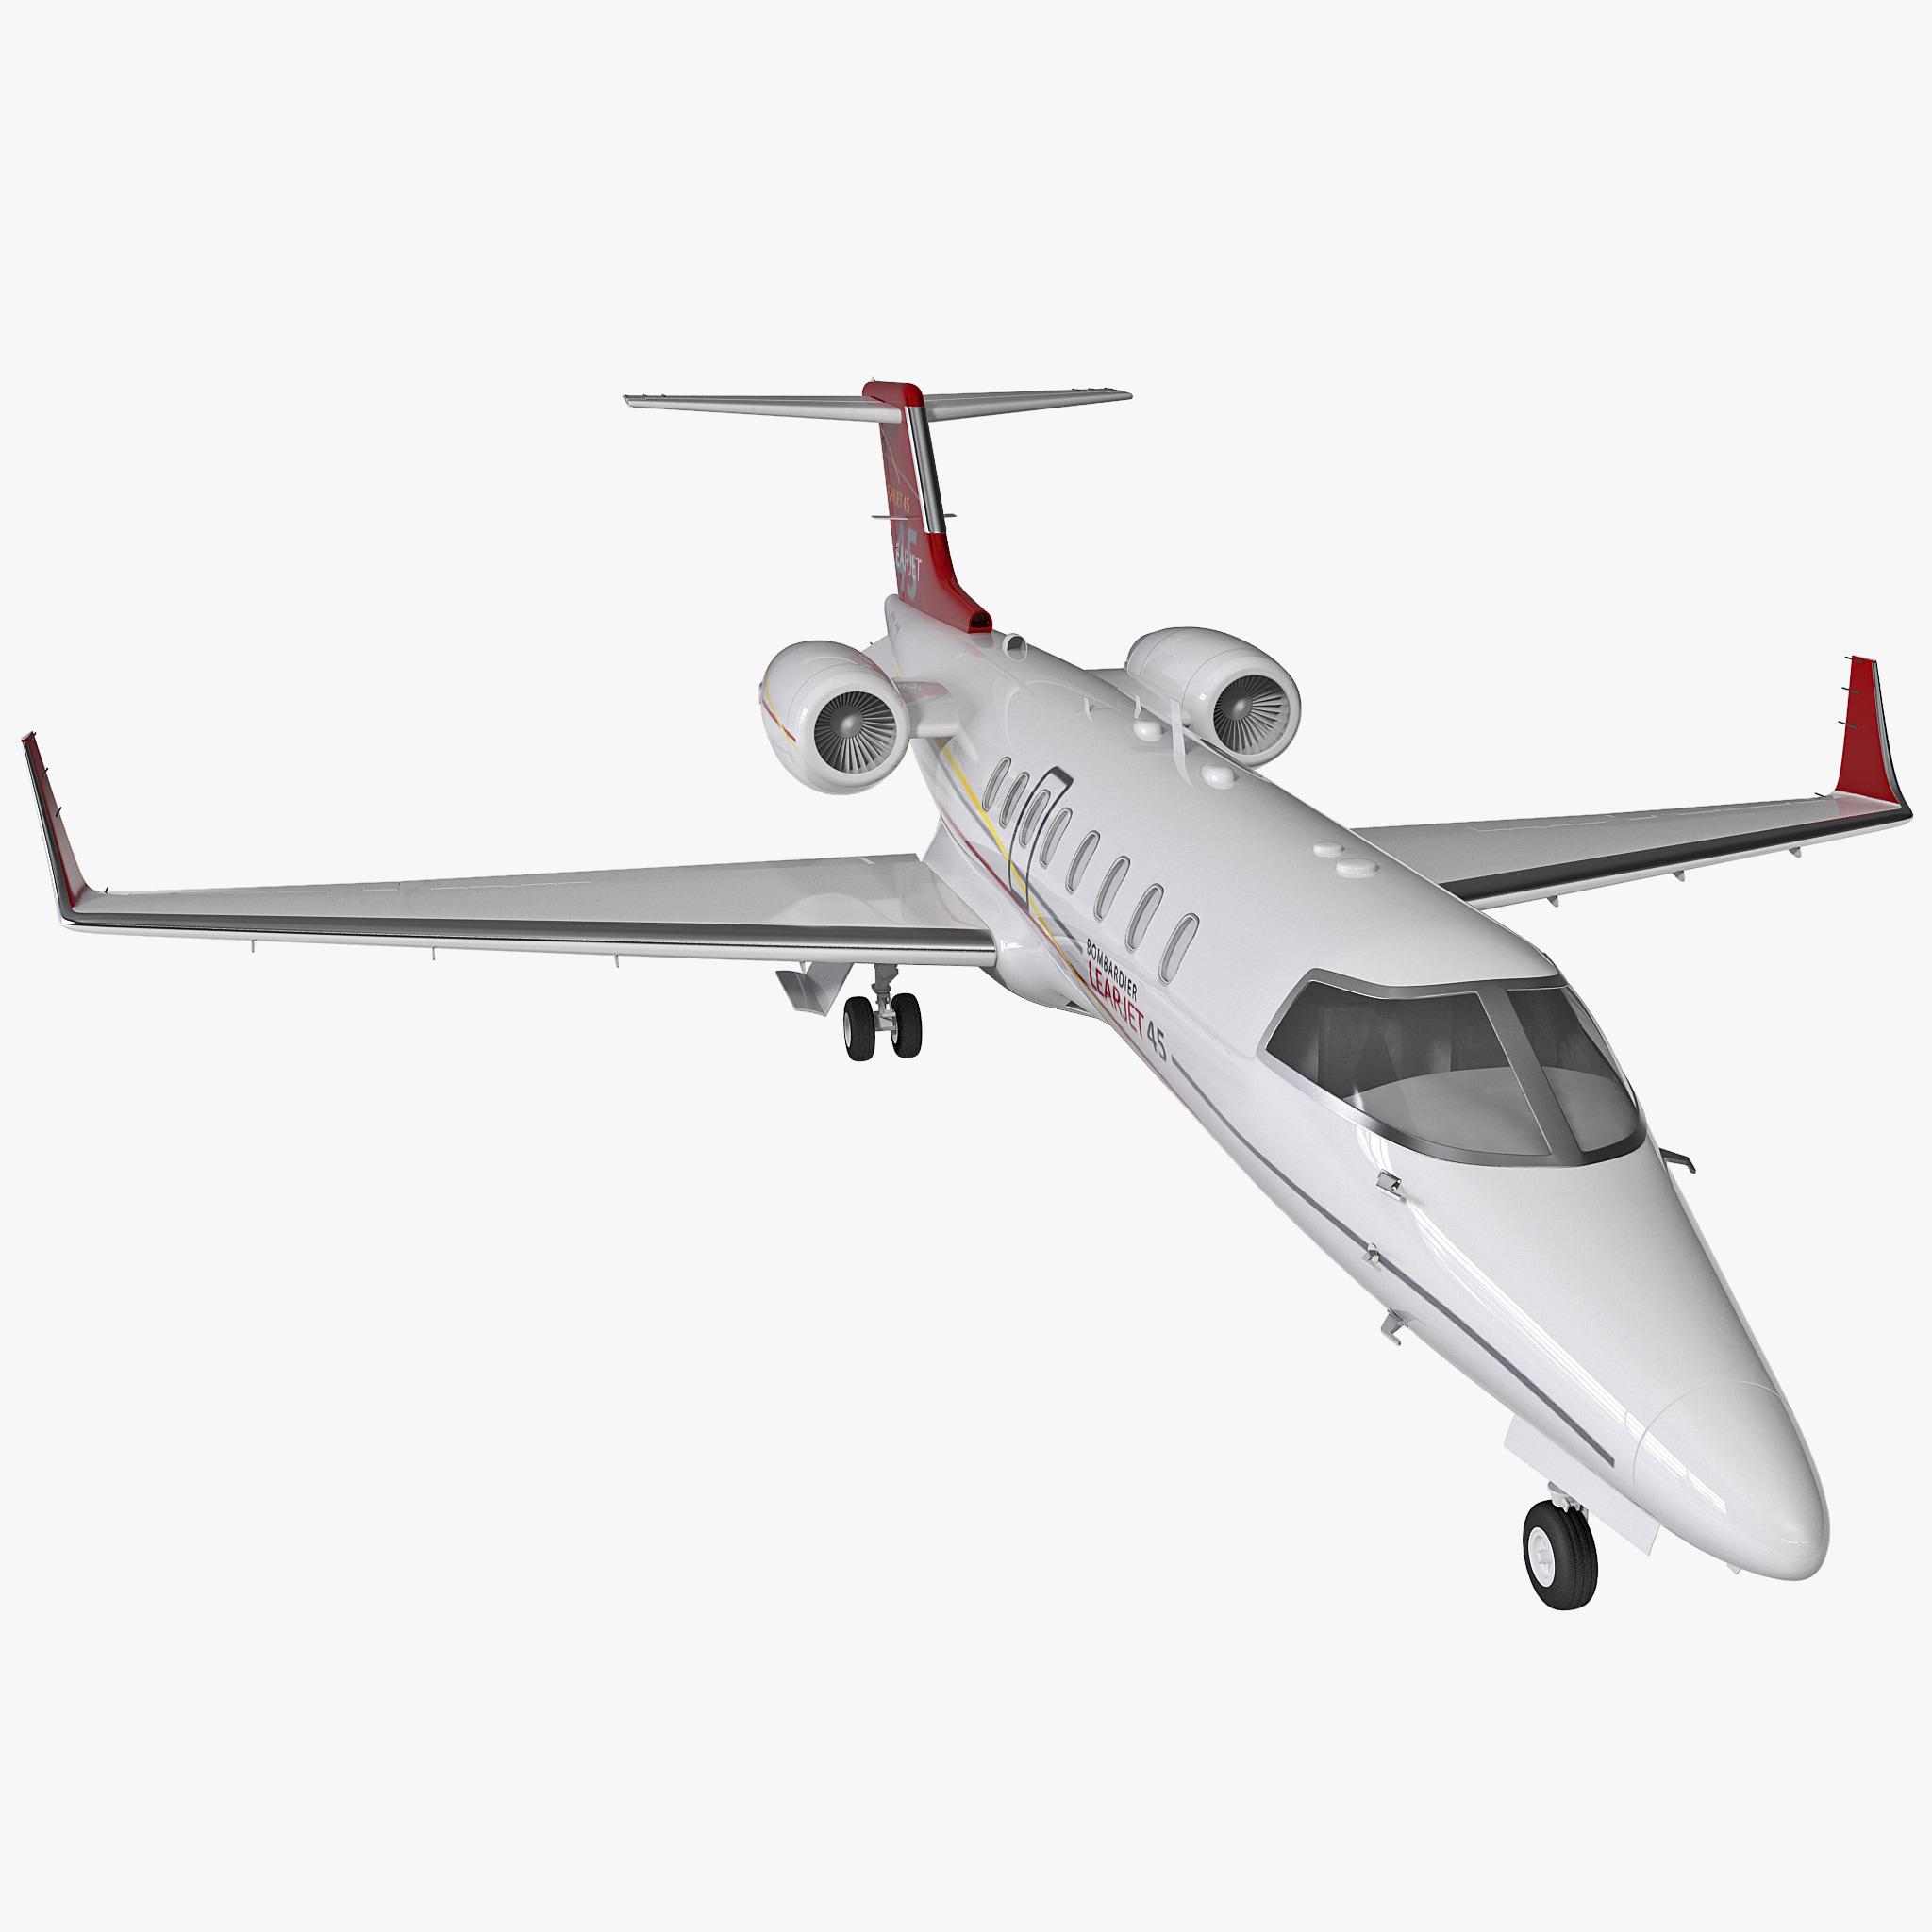 Bombardier Learjet 45 Rigged_1.jpg